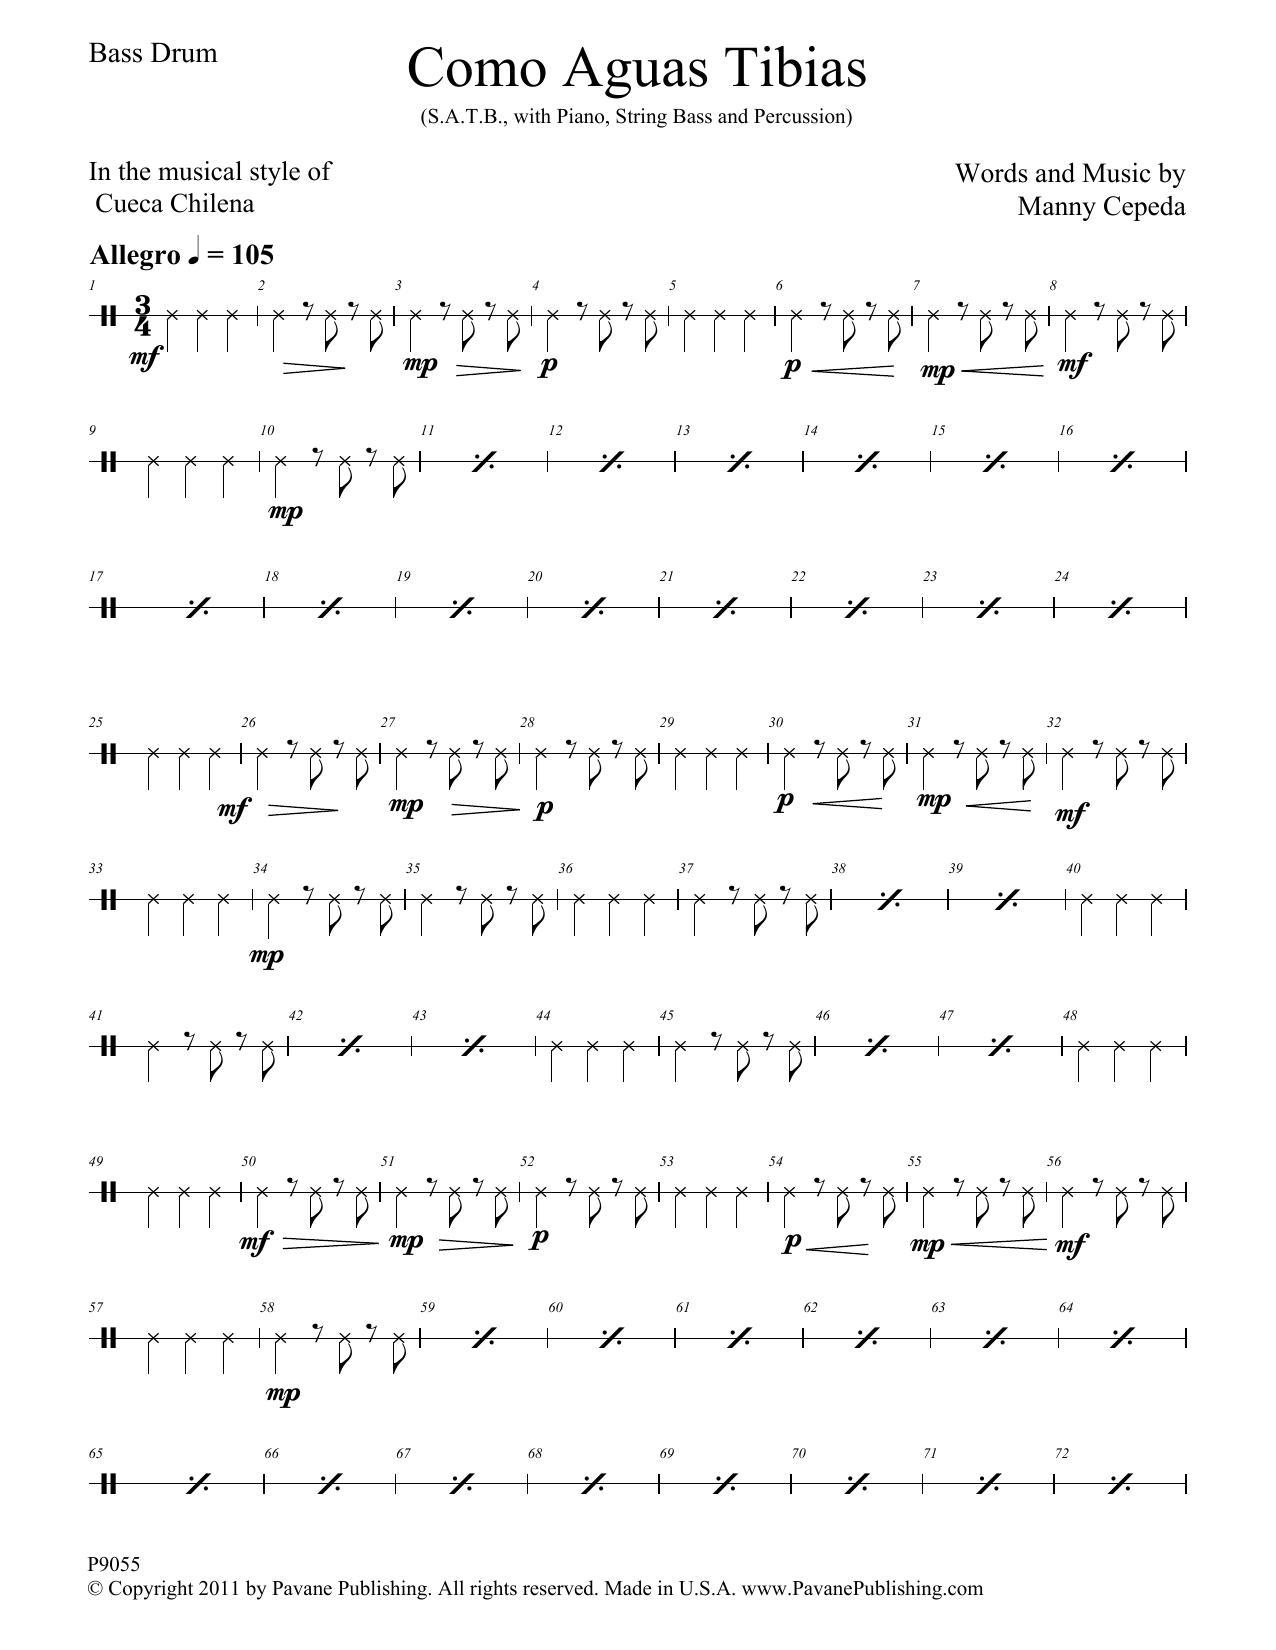 Como Aguas Tibias - Bass Drum Sheet Music